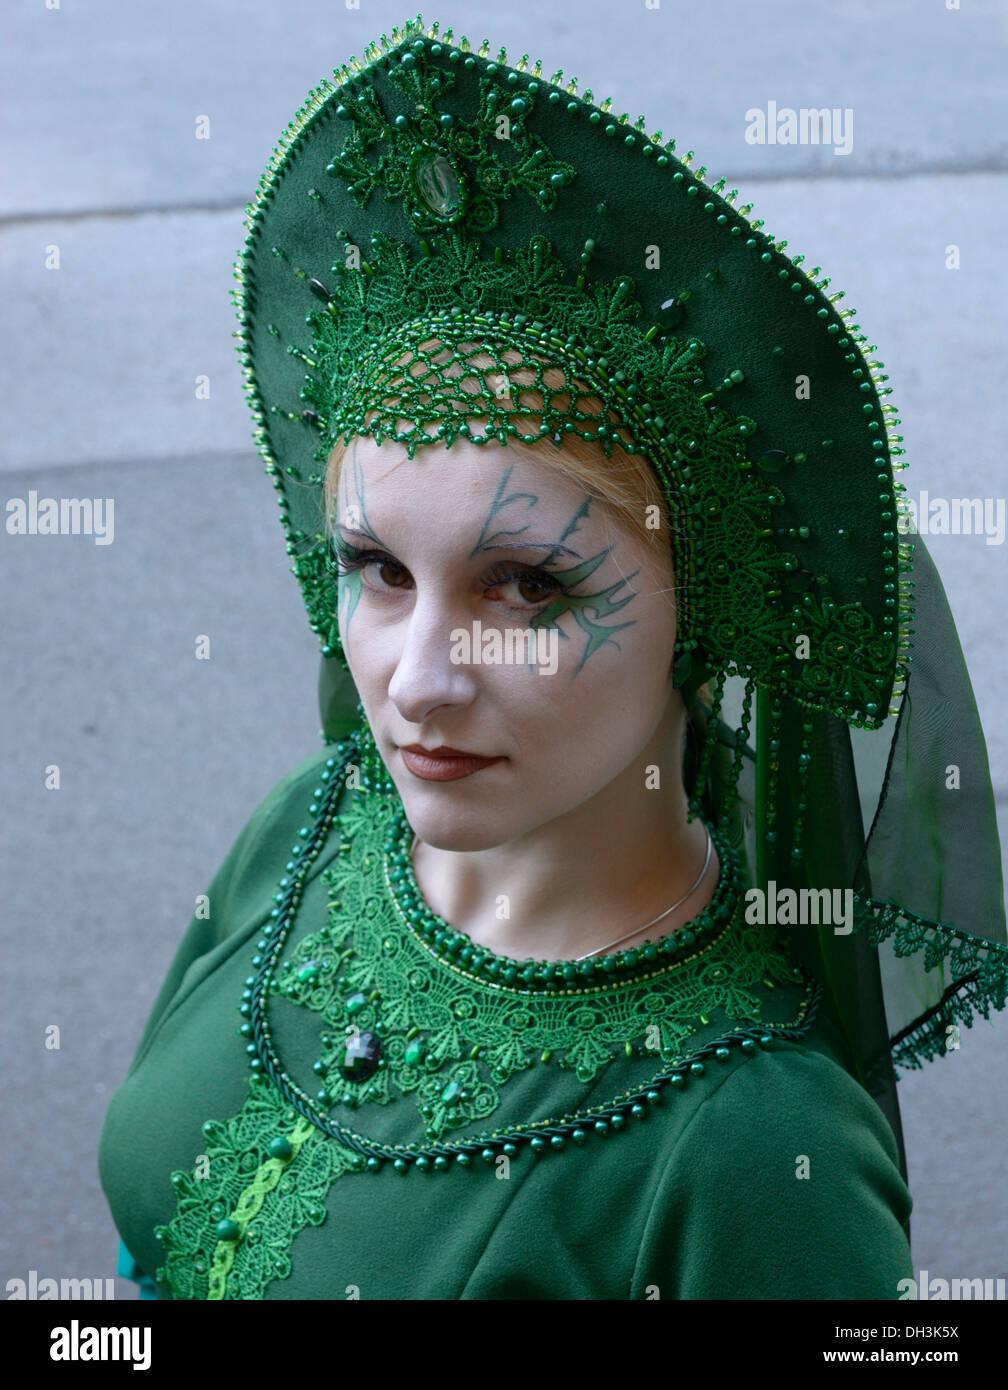 Junge Frau In Szene Kleidung Inspiriert Von Russischer Folklore